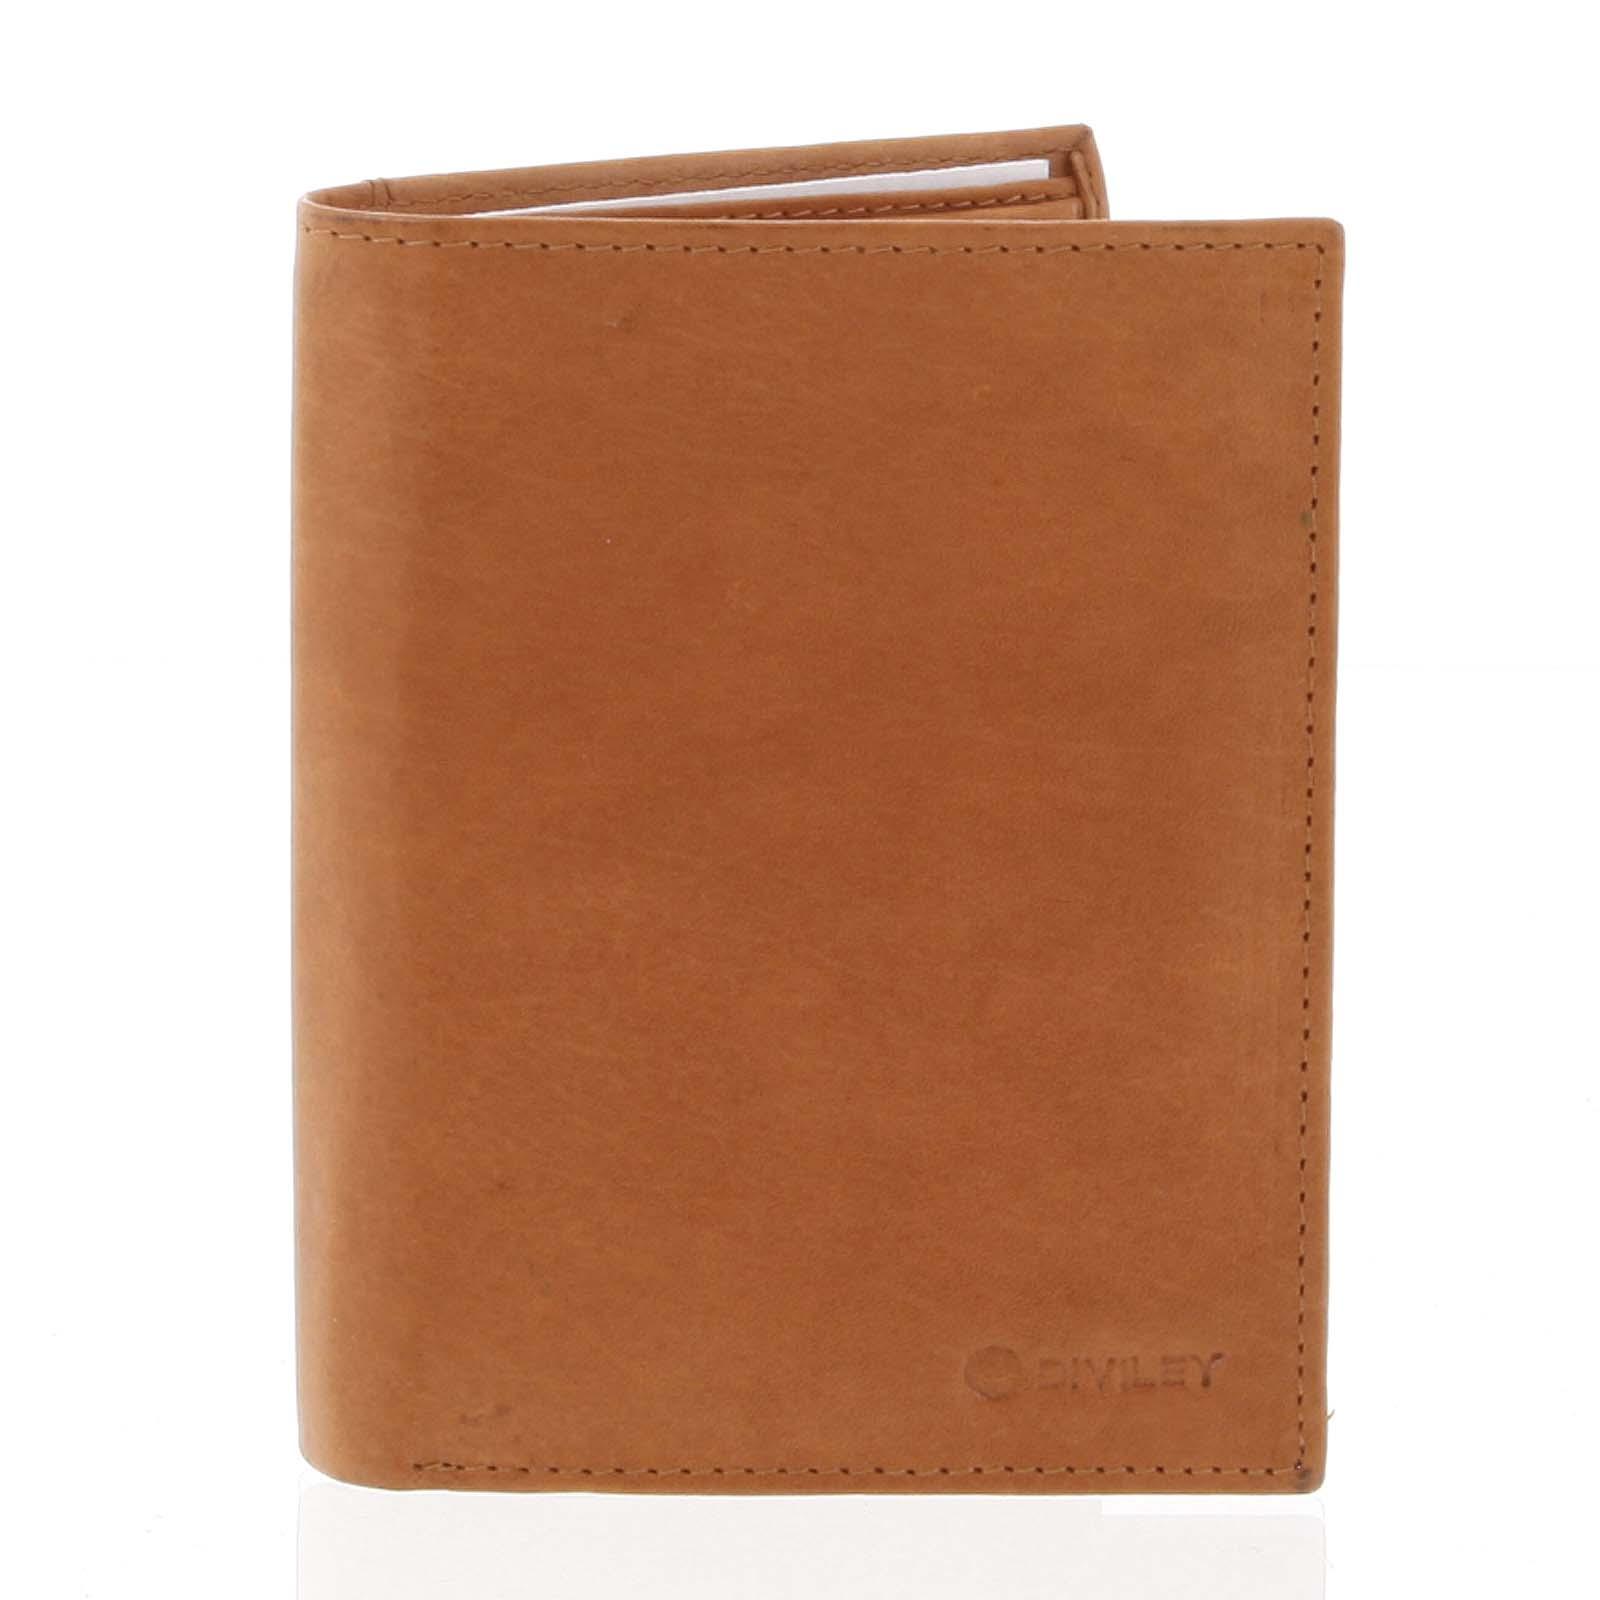 Pánská pevná kožená peněženka koňaková - Diviley Kainat